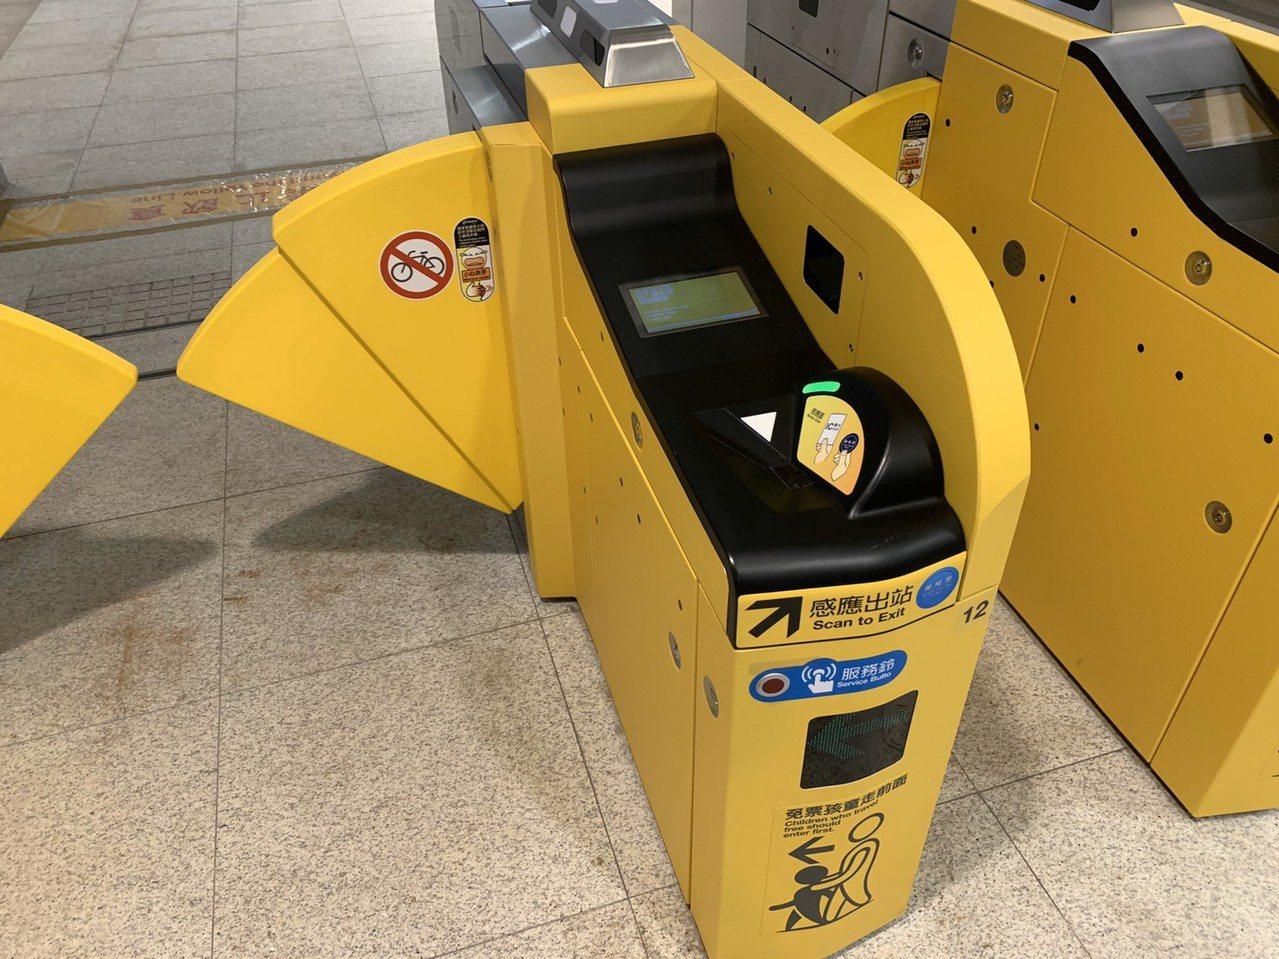 環狀線板橋站設有單程票轉乘閘門,給單程票乘客用,感應一下就可帶去北捷板橋站使用。...